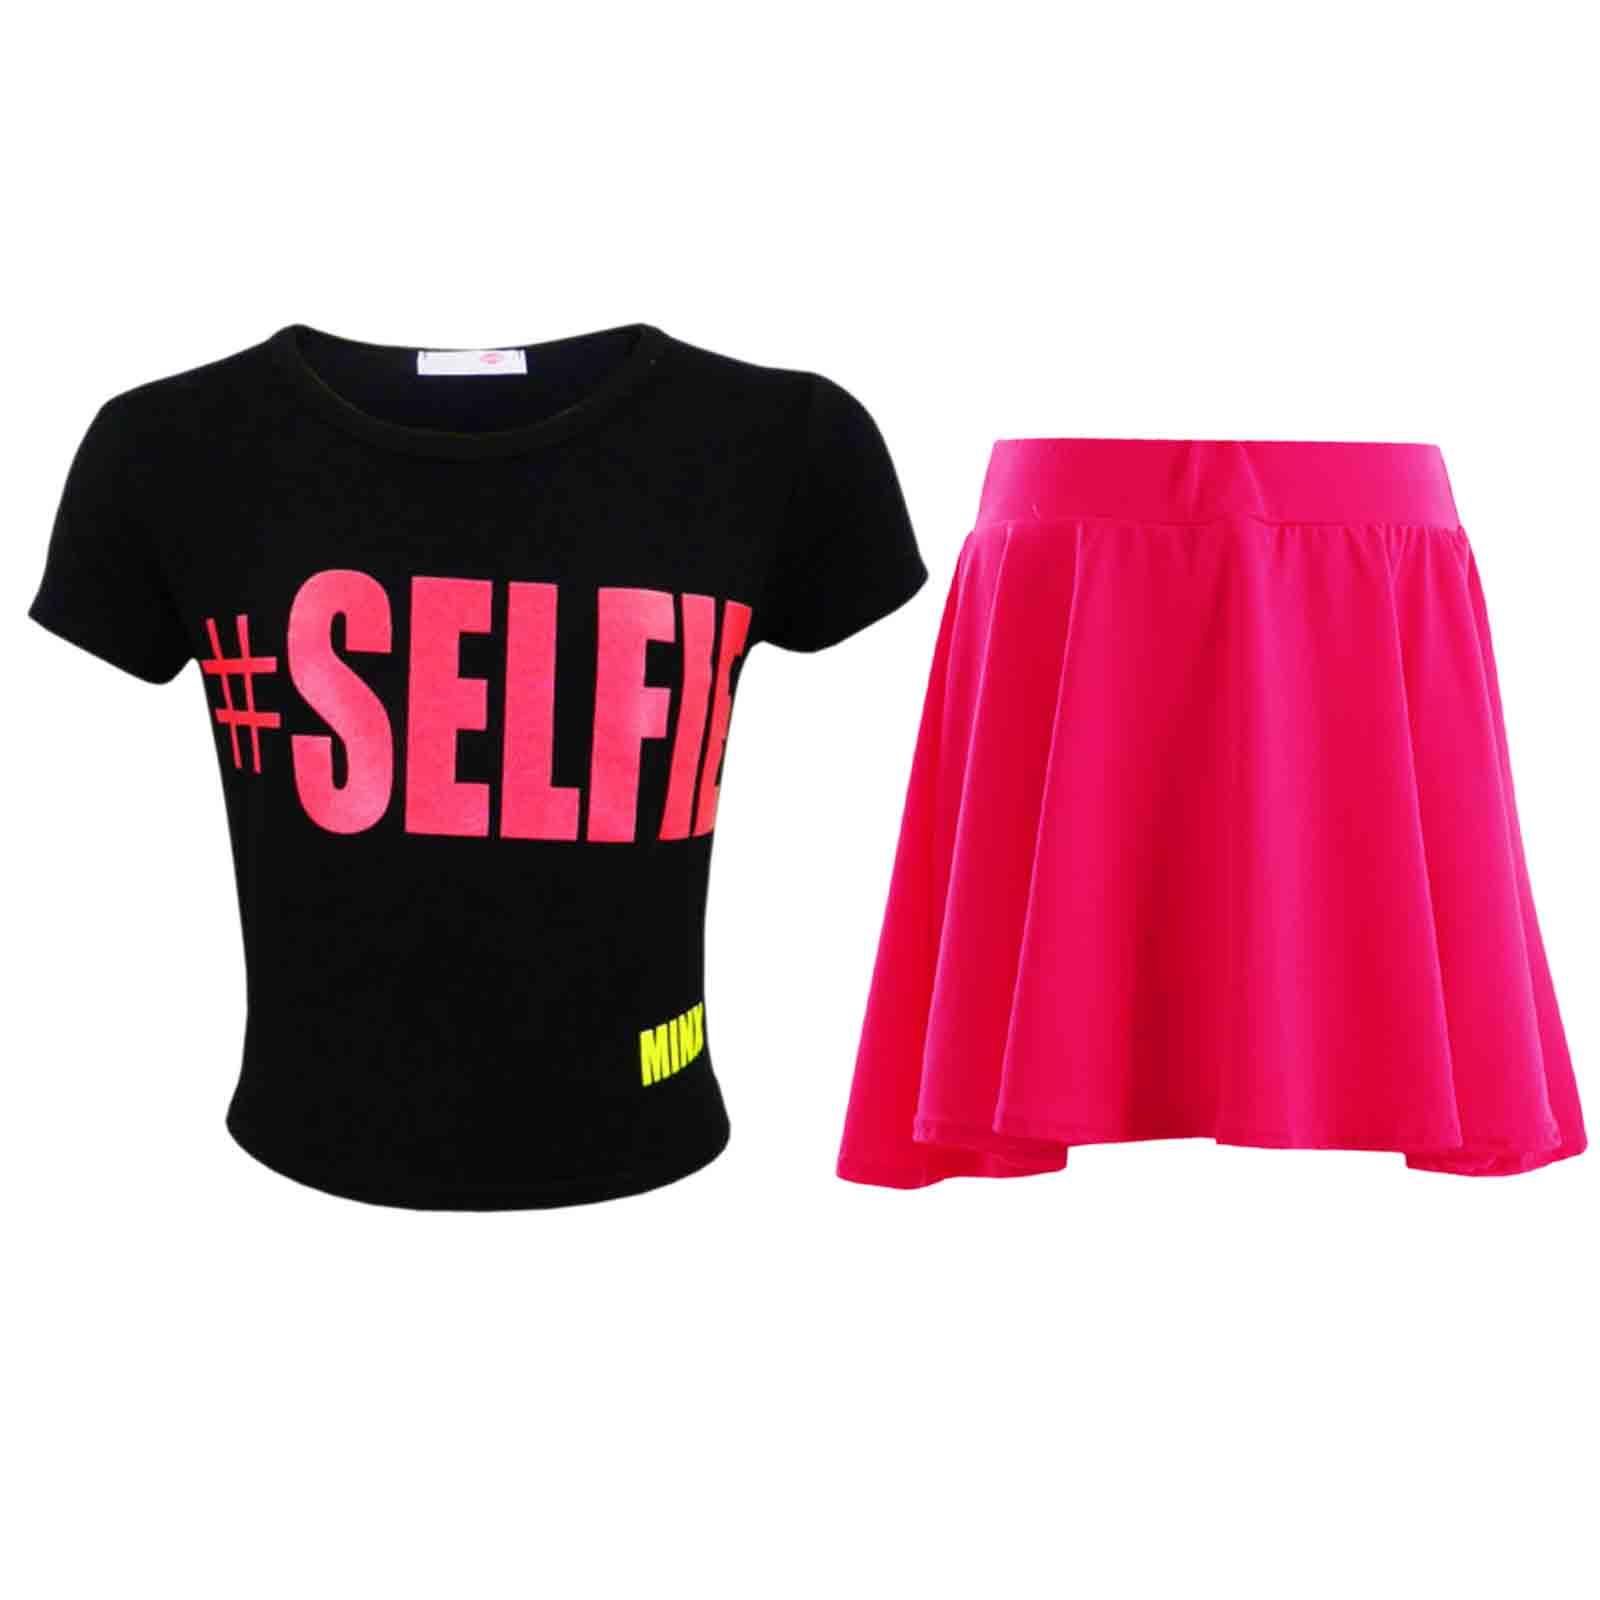 NEW GIRLS KIDS # SELFIE CROPPED TOP SUMMER CROP BLACK PINK AGE 7 8 9 10 11 12 13